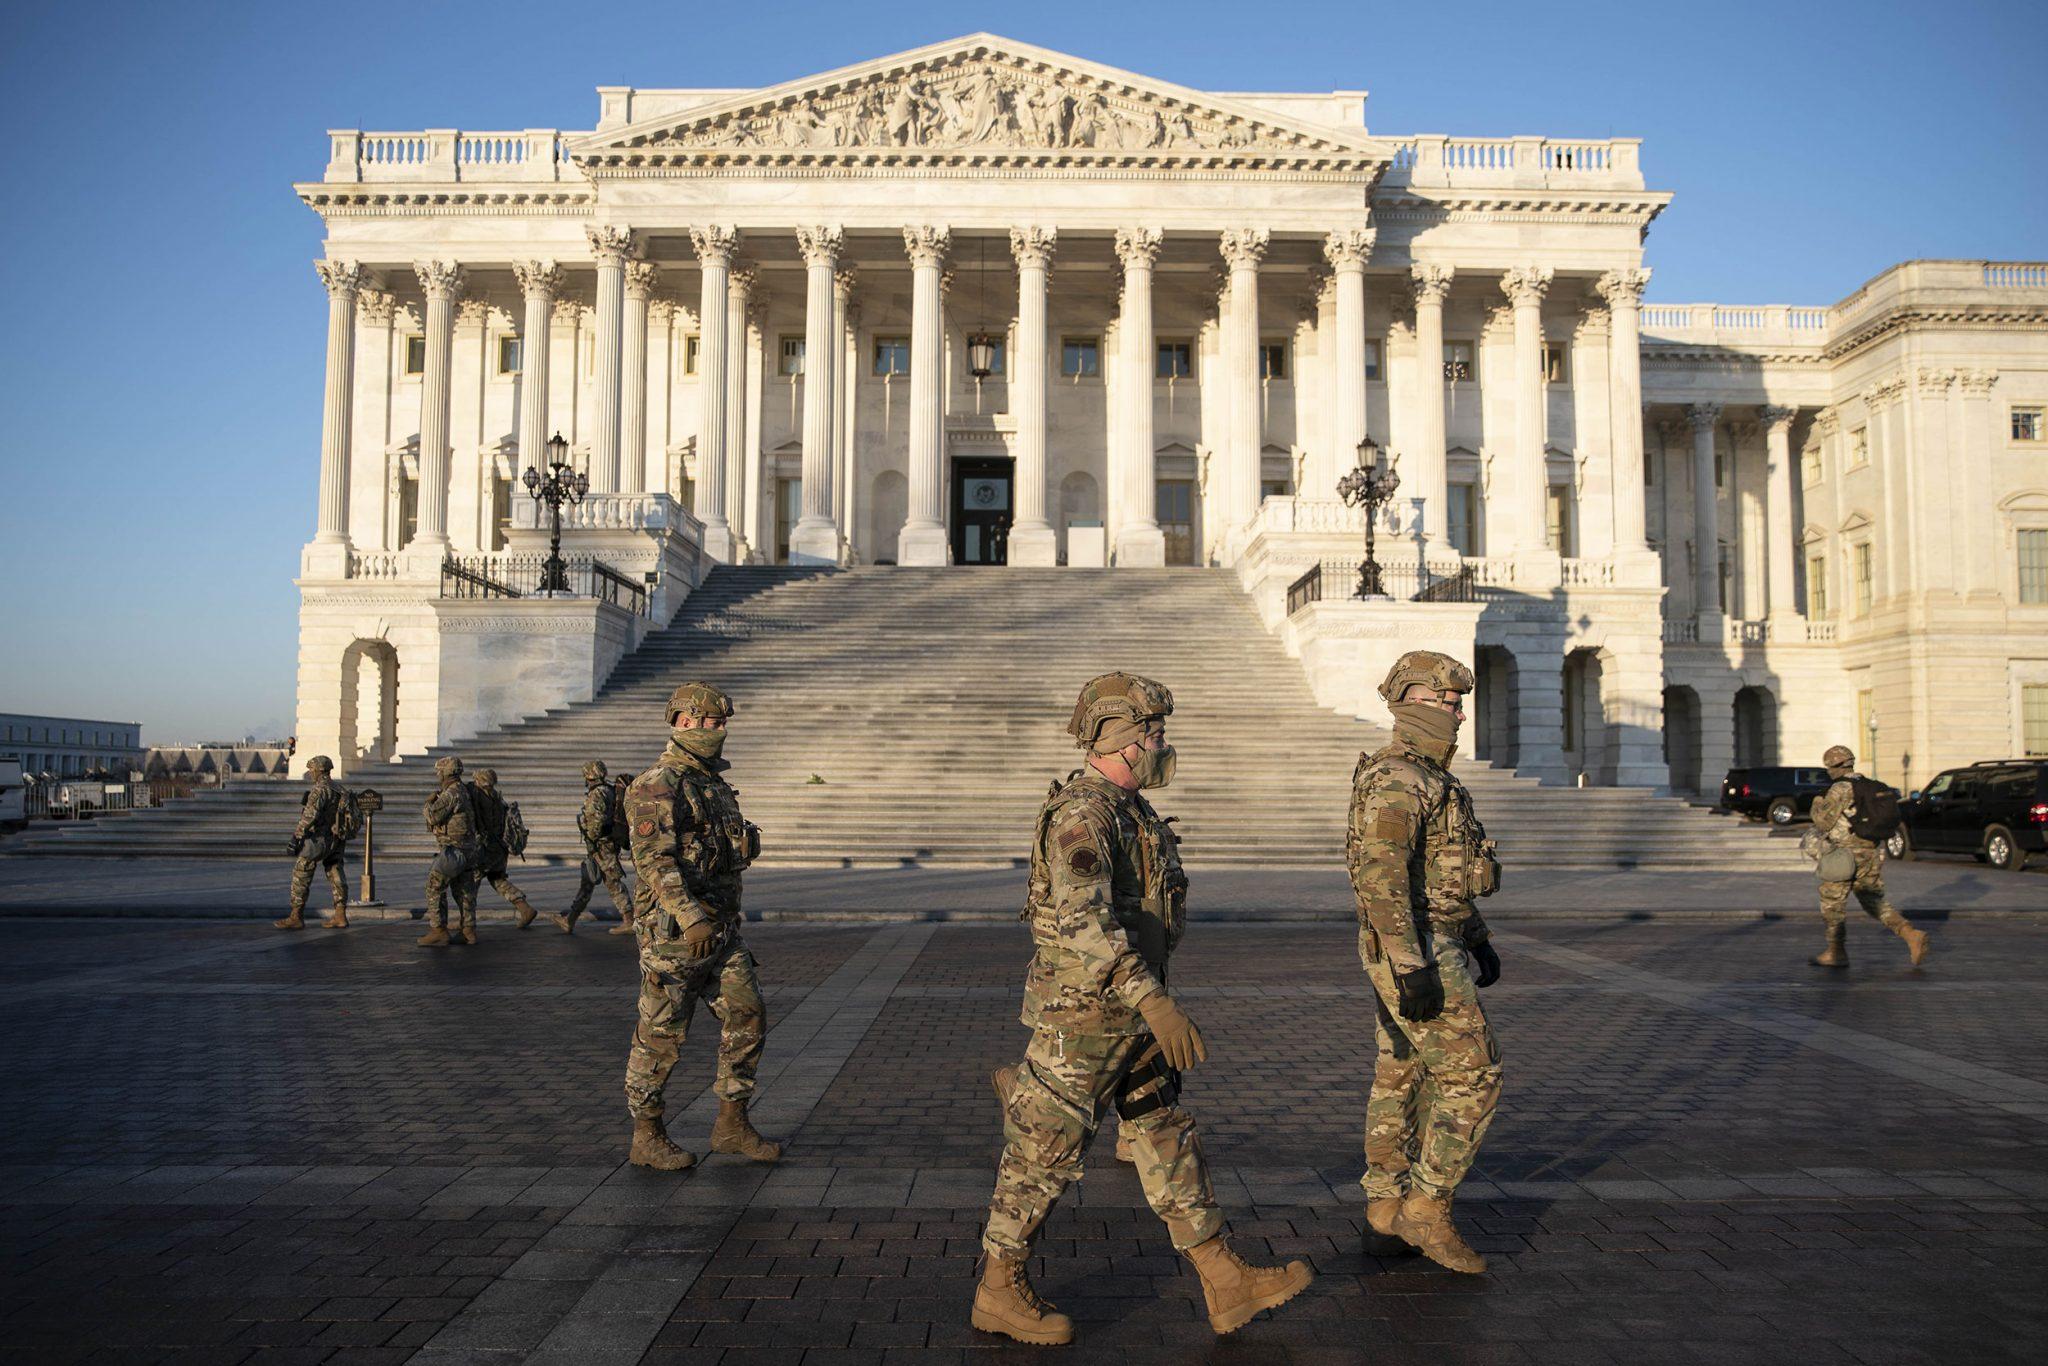 Debati për shkarkimin e Trump,ushtria rrethon Kongresin